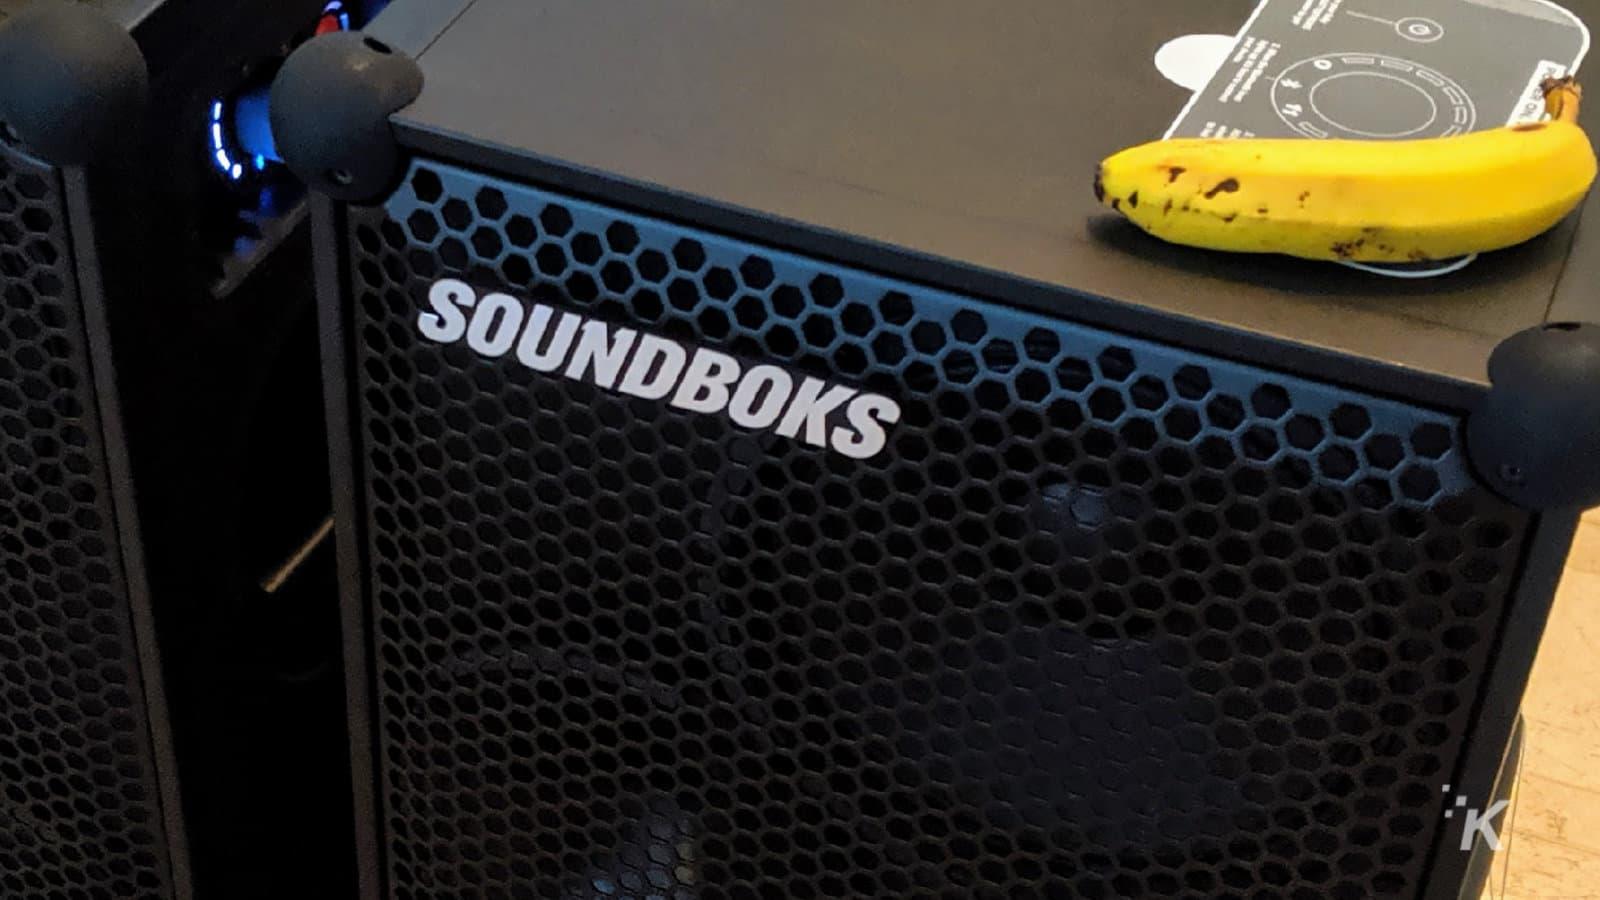 soundboks speakers